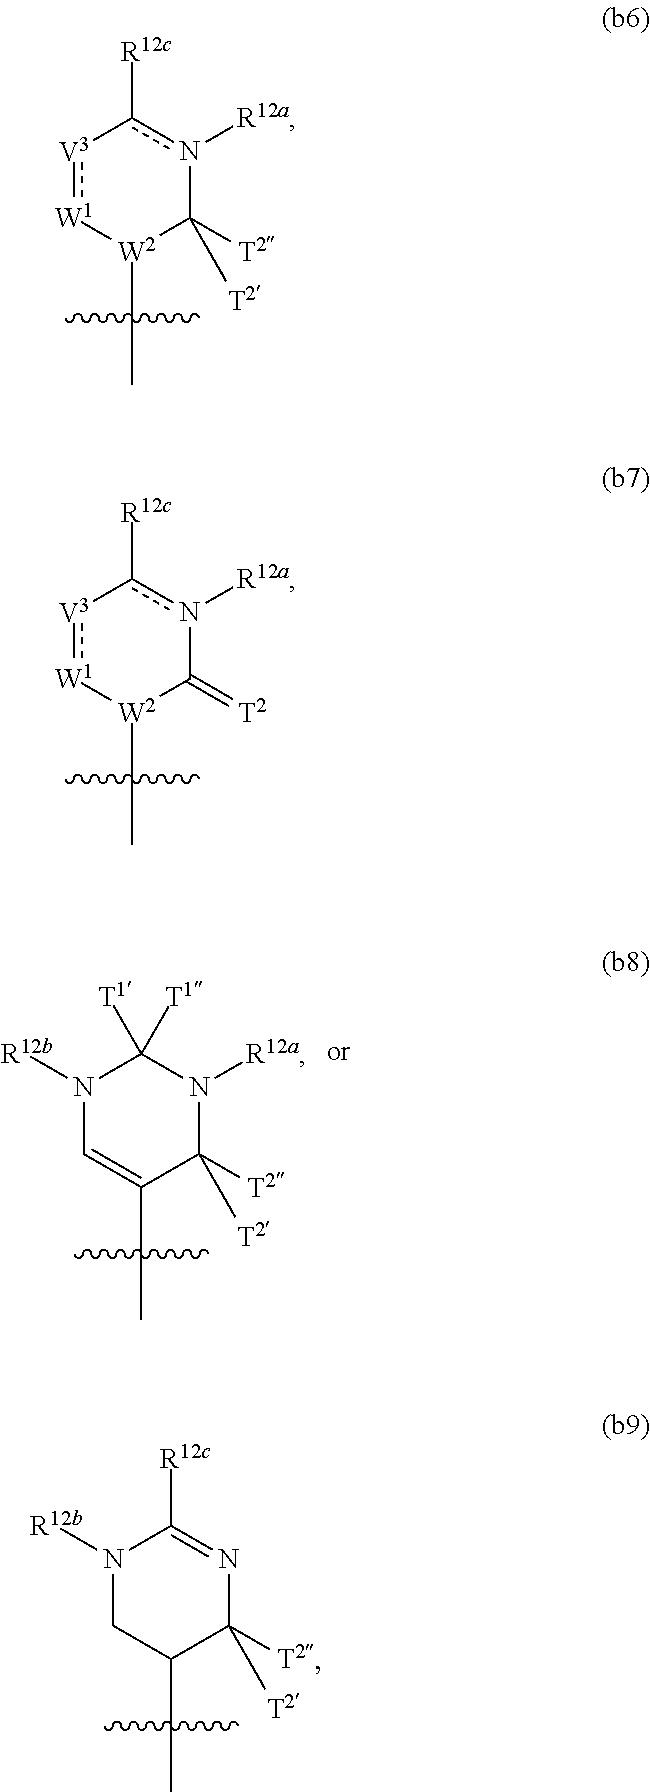 Figure US20150064235A1-20150305-C00097